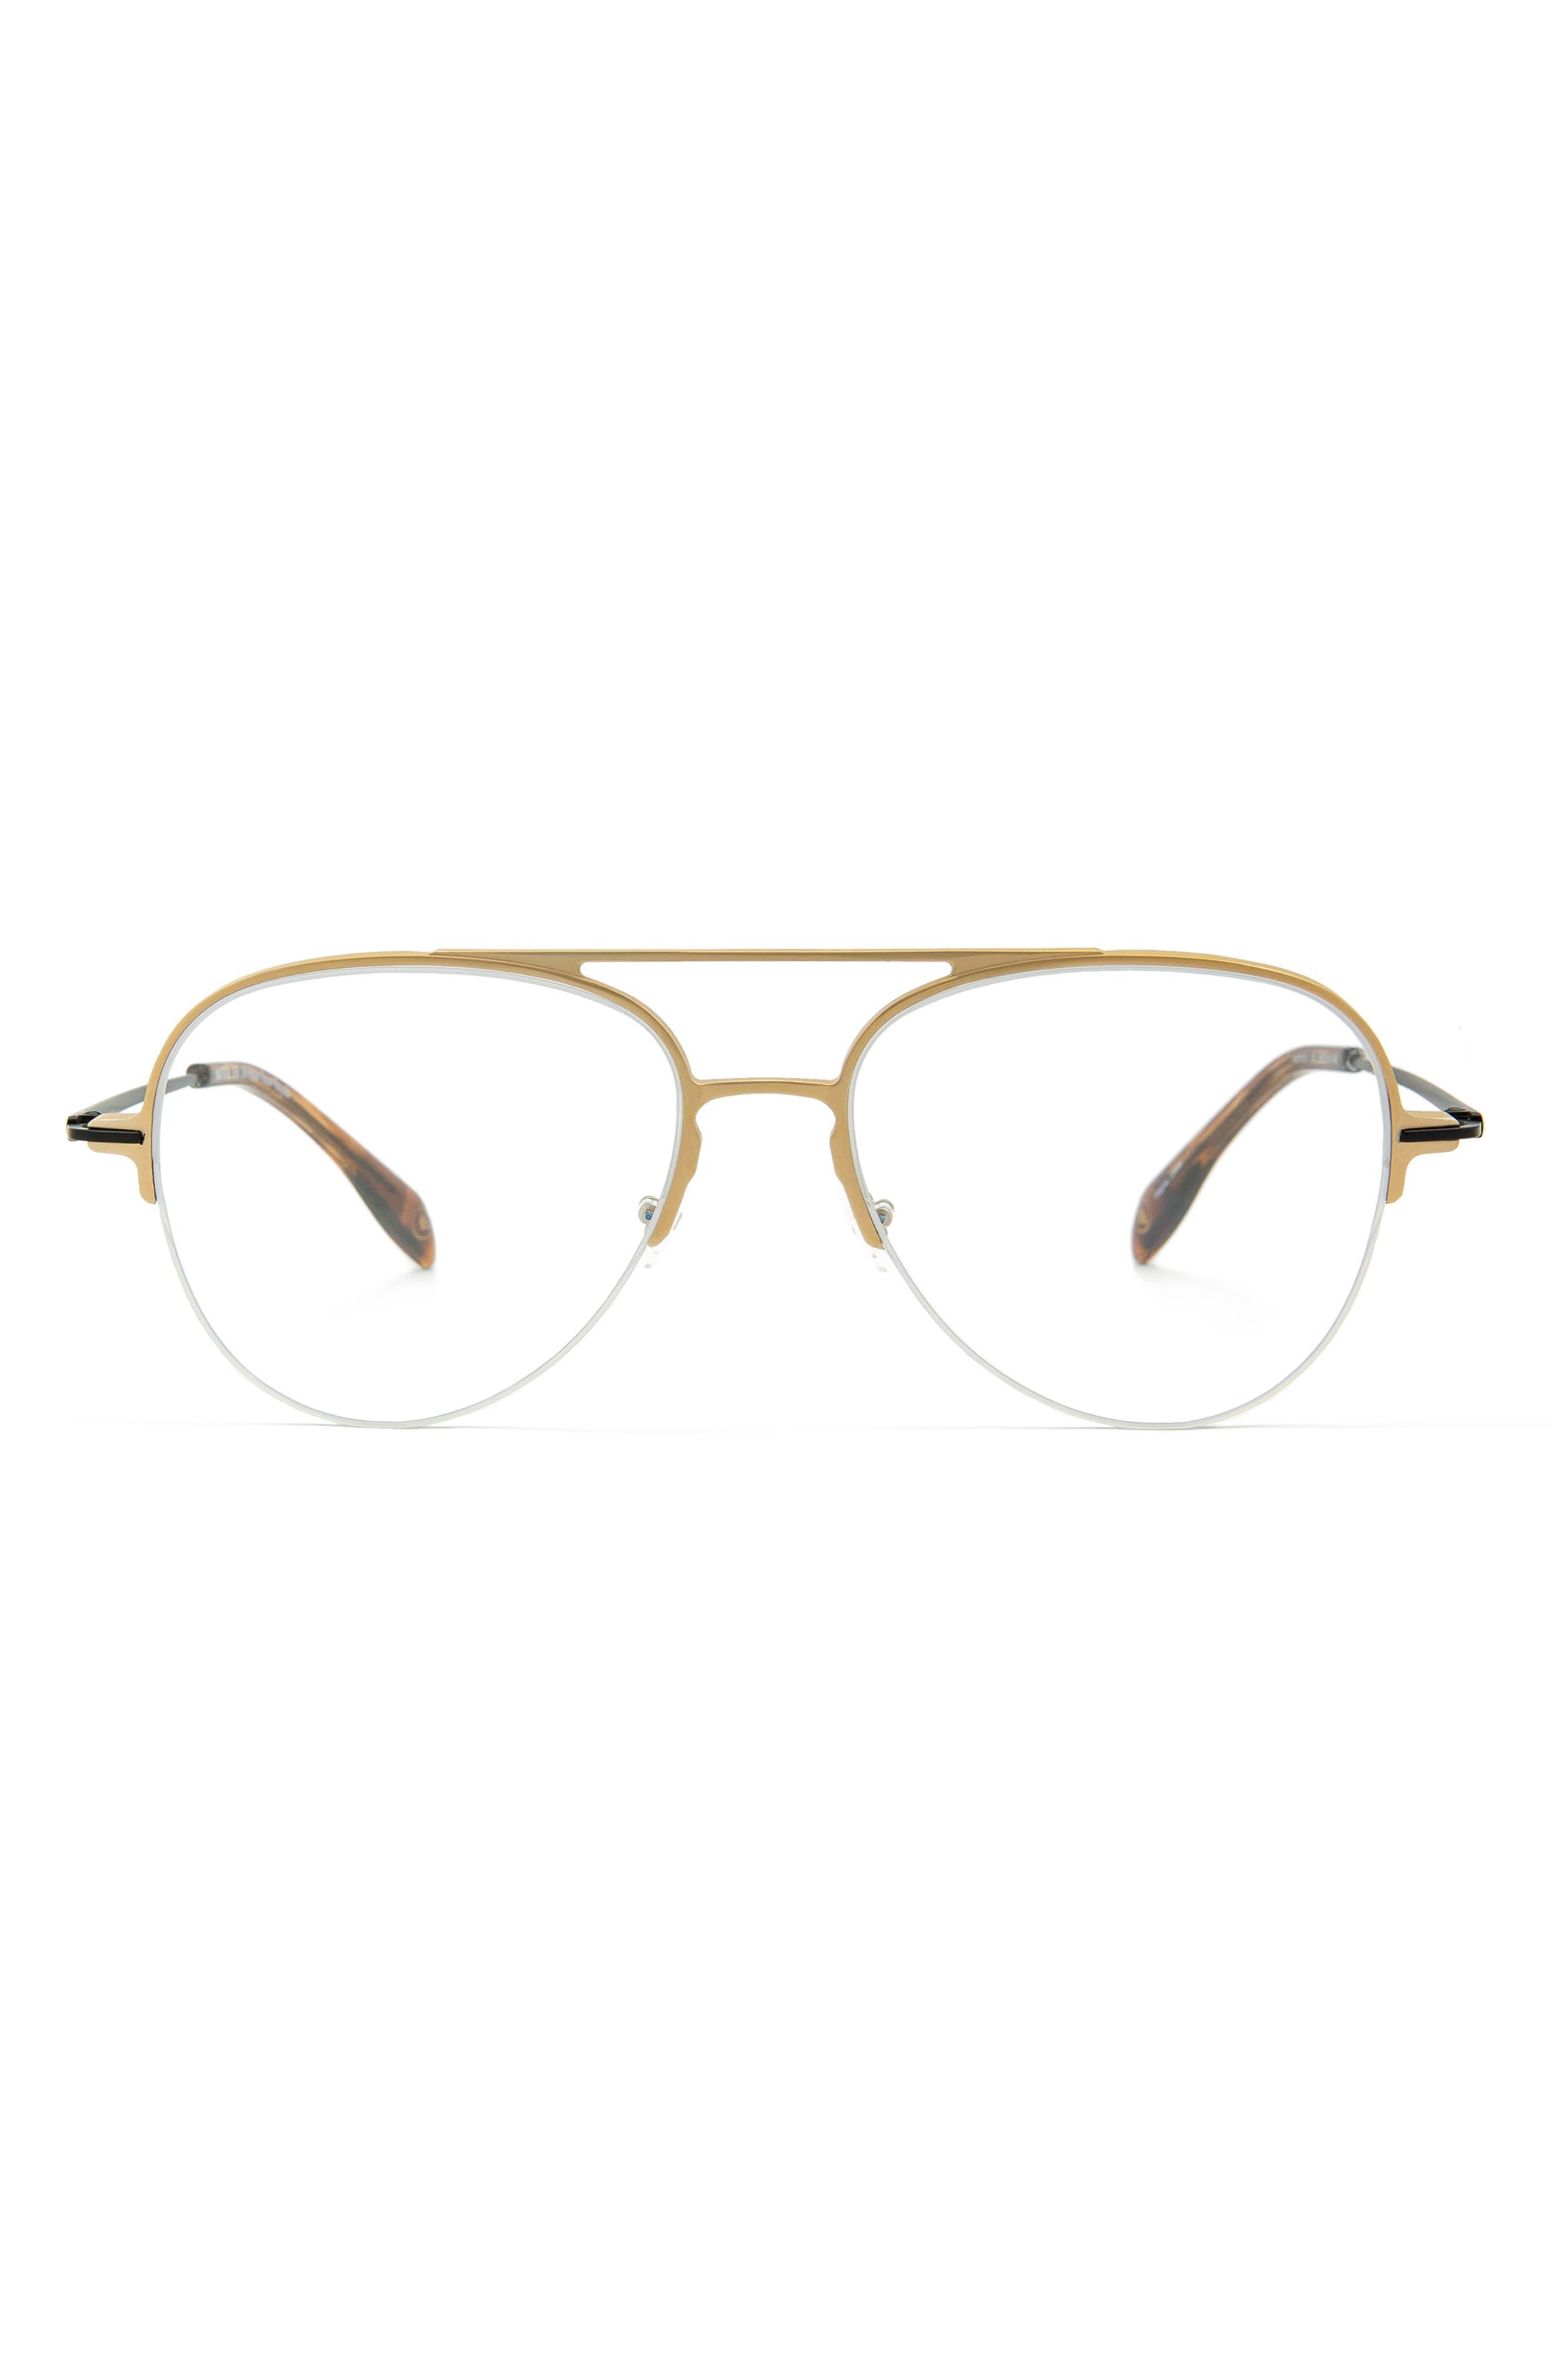 53mm Blue Light Blocking Glasses